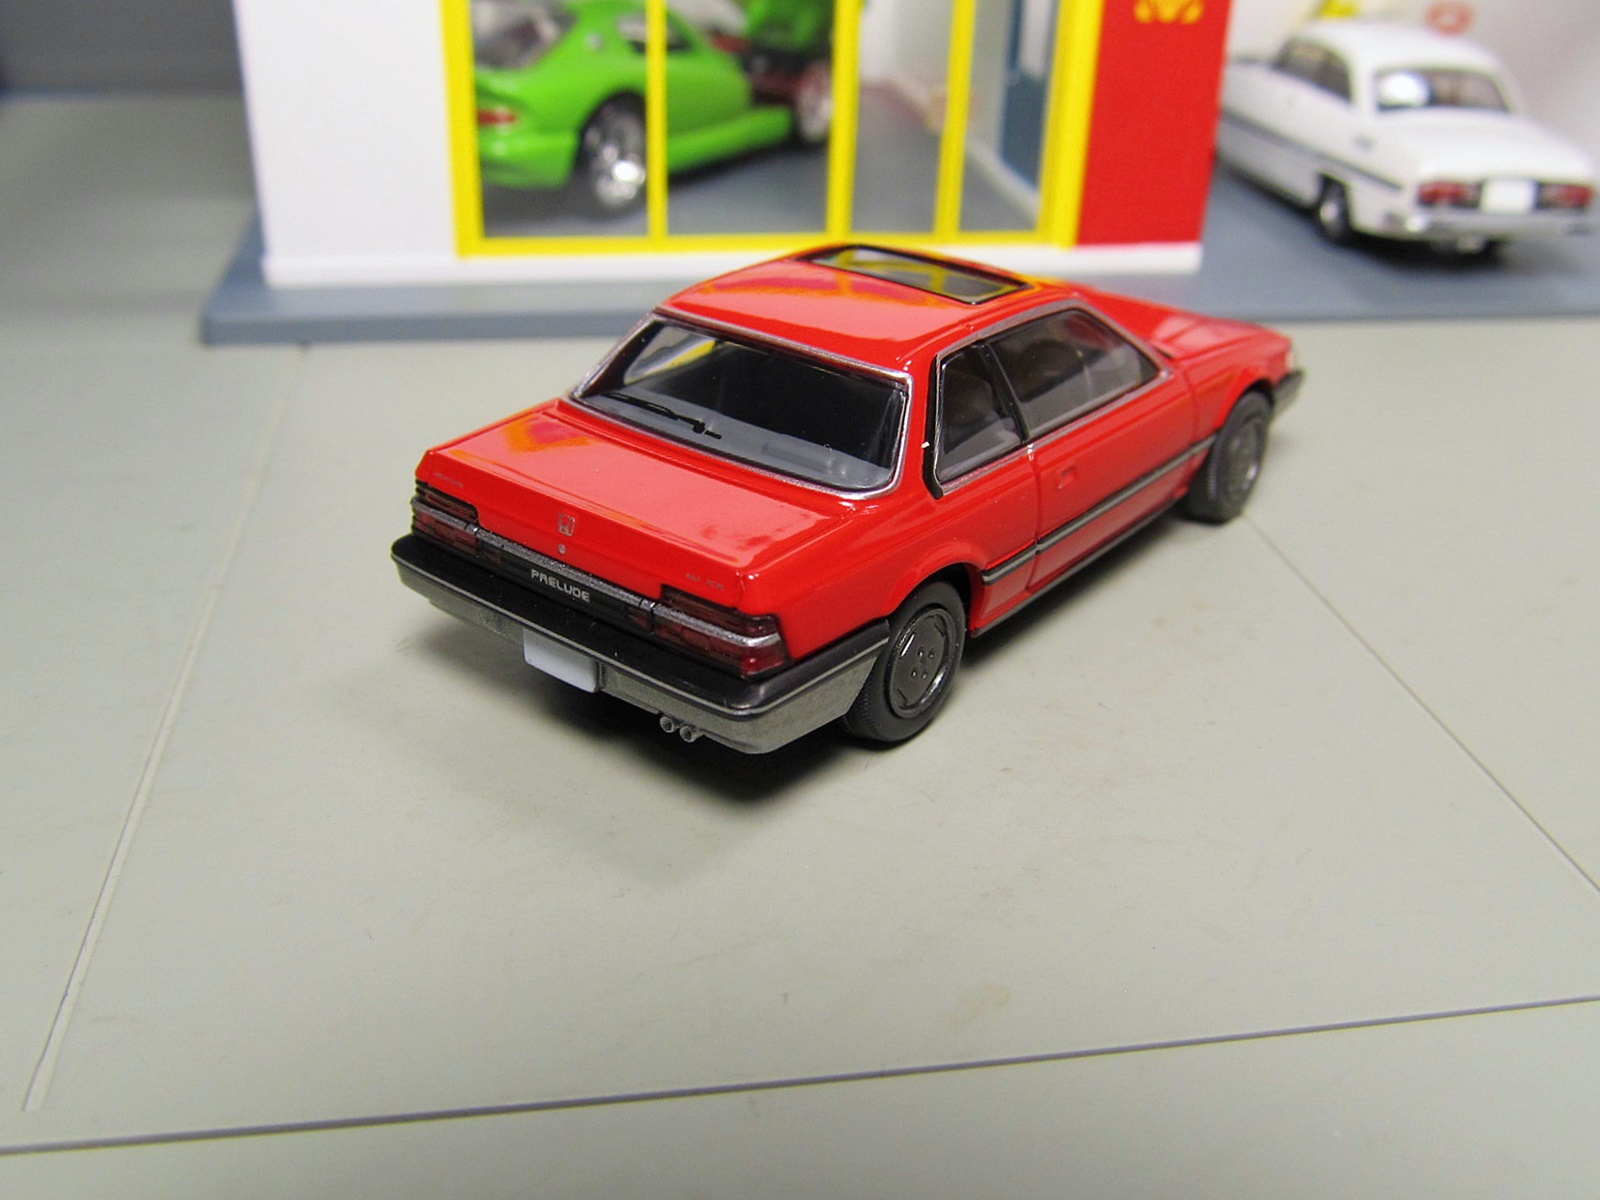 Tomica Limited Vintage LV-N145a Honda Prelude